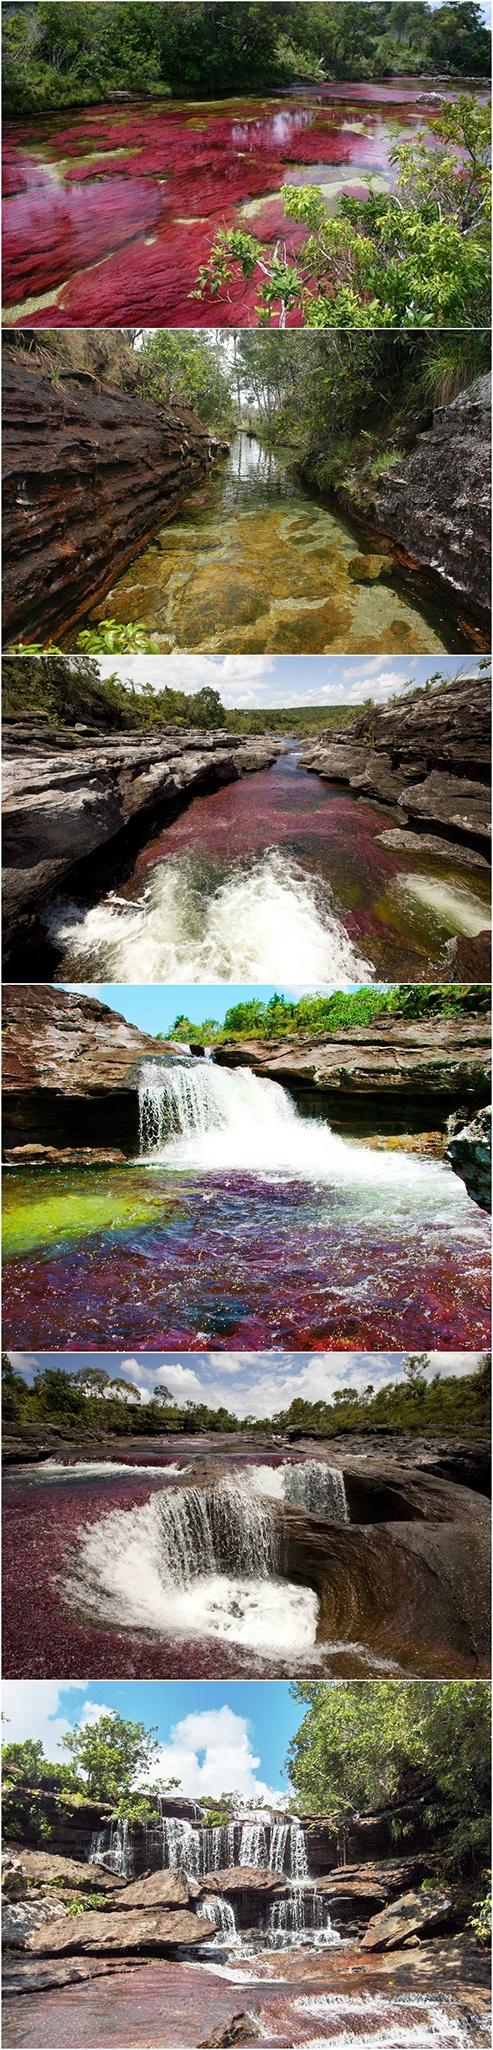 Caño Cristales ou la Rivière de Cristal aux 5 couleurs, Serrania de la Macarena, Colombie.   Considérée comme la plus belle rivière du monde et dont l'eau est sûrement la plus propre de la planète.